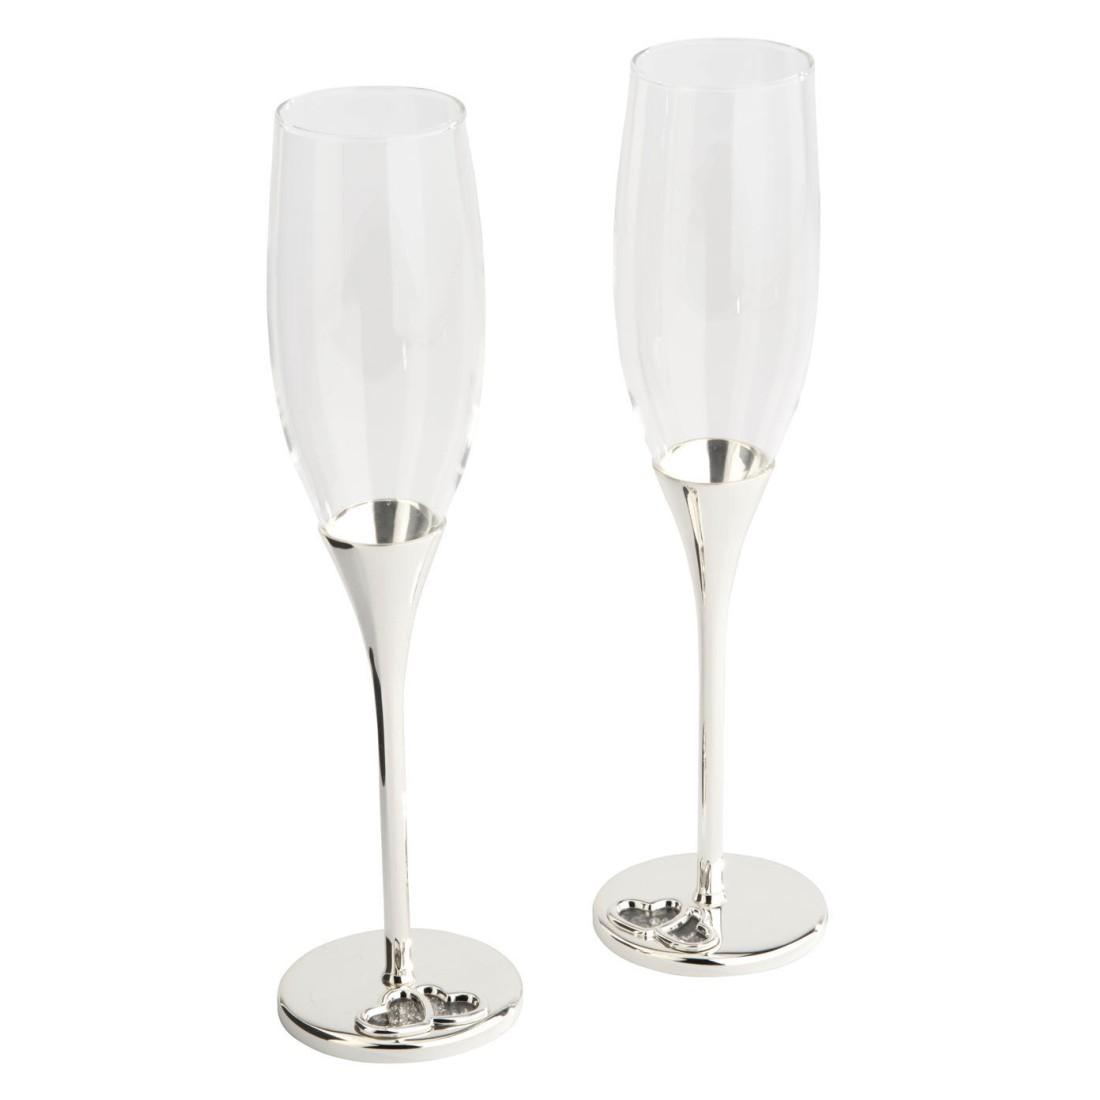 Champagnerflöten mit Kristallsteinchen (2-teilig) – Versilbert/Glas – Silber, Zilverstad günstig